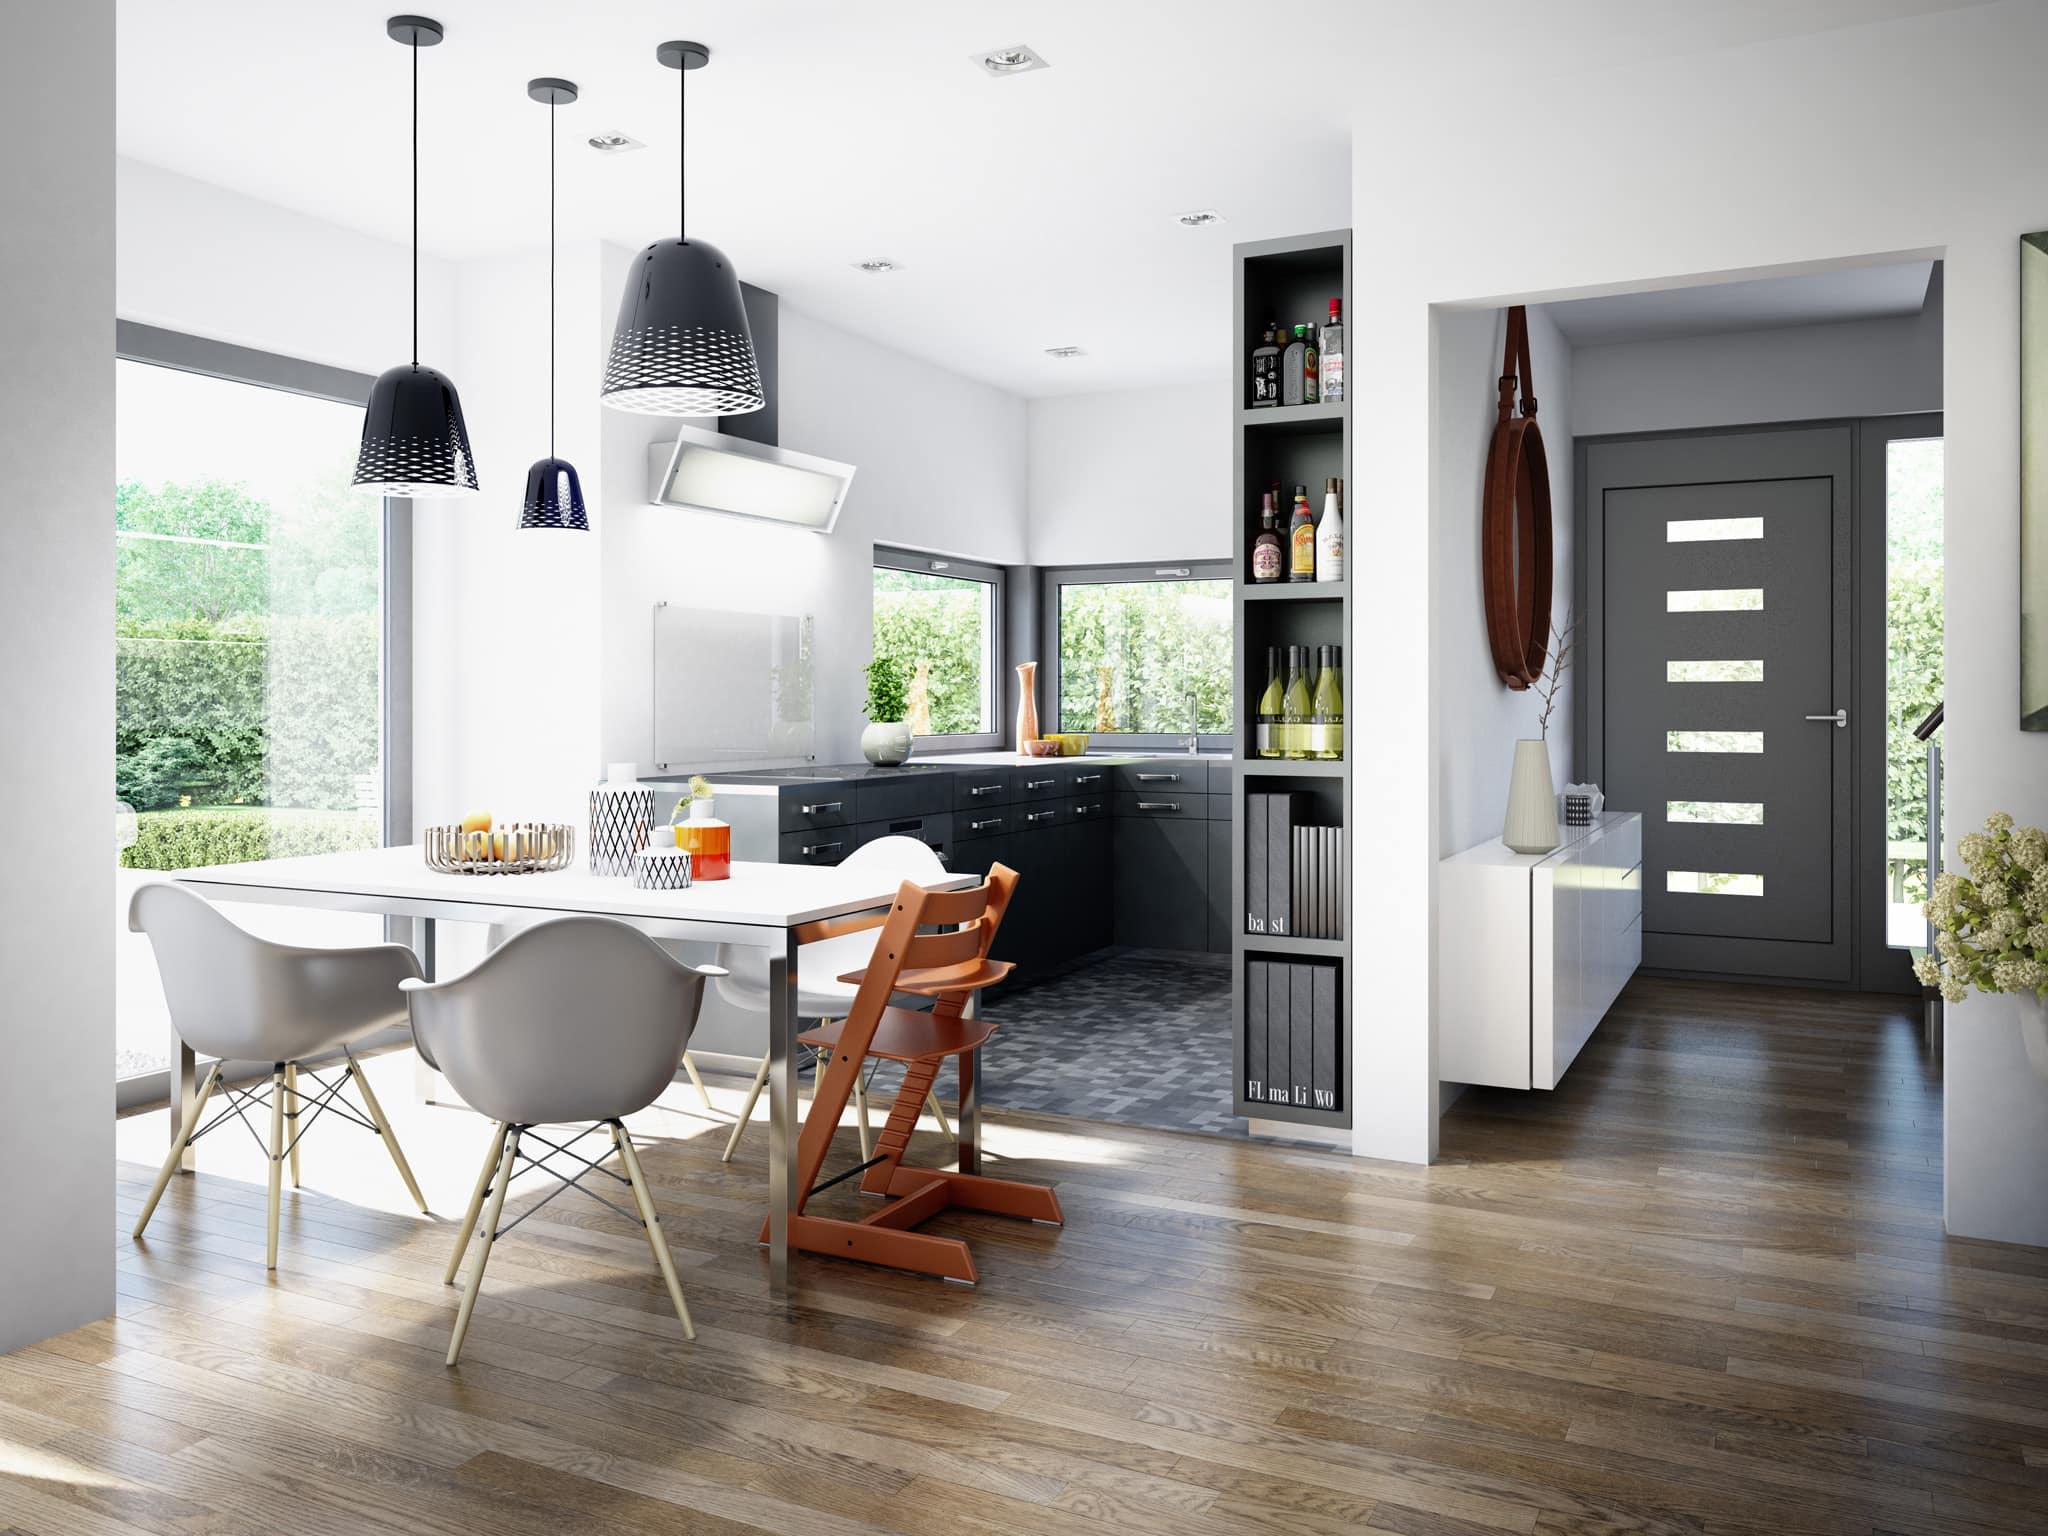 Offener Koch-Essbereich - Ideen Inneneinrichtung Fertighaus Living Haus SUNSHINE 151 V5 - HausbauDirekt.de